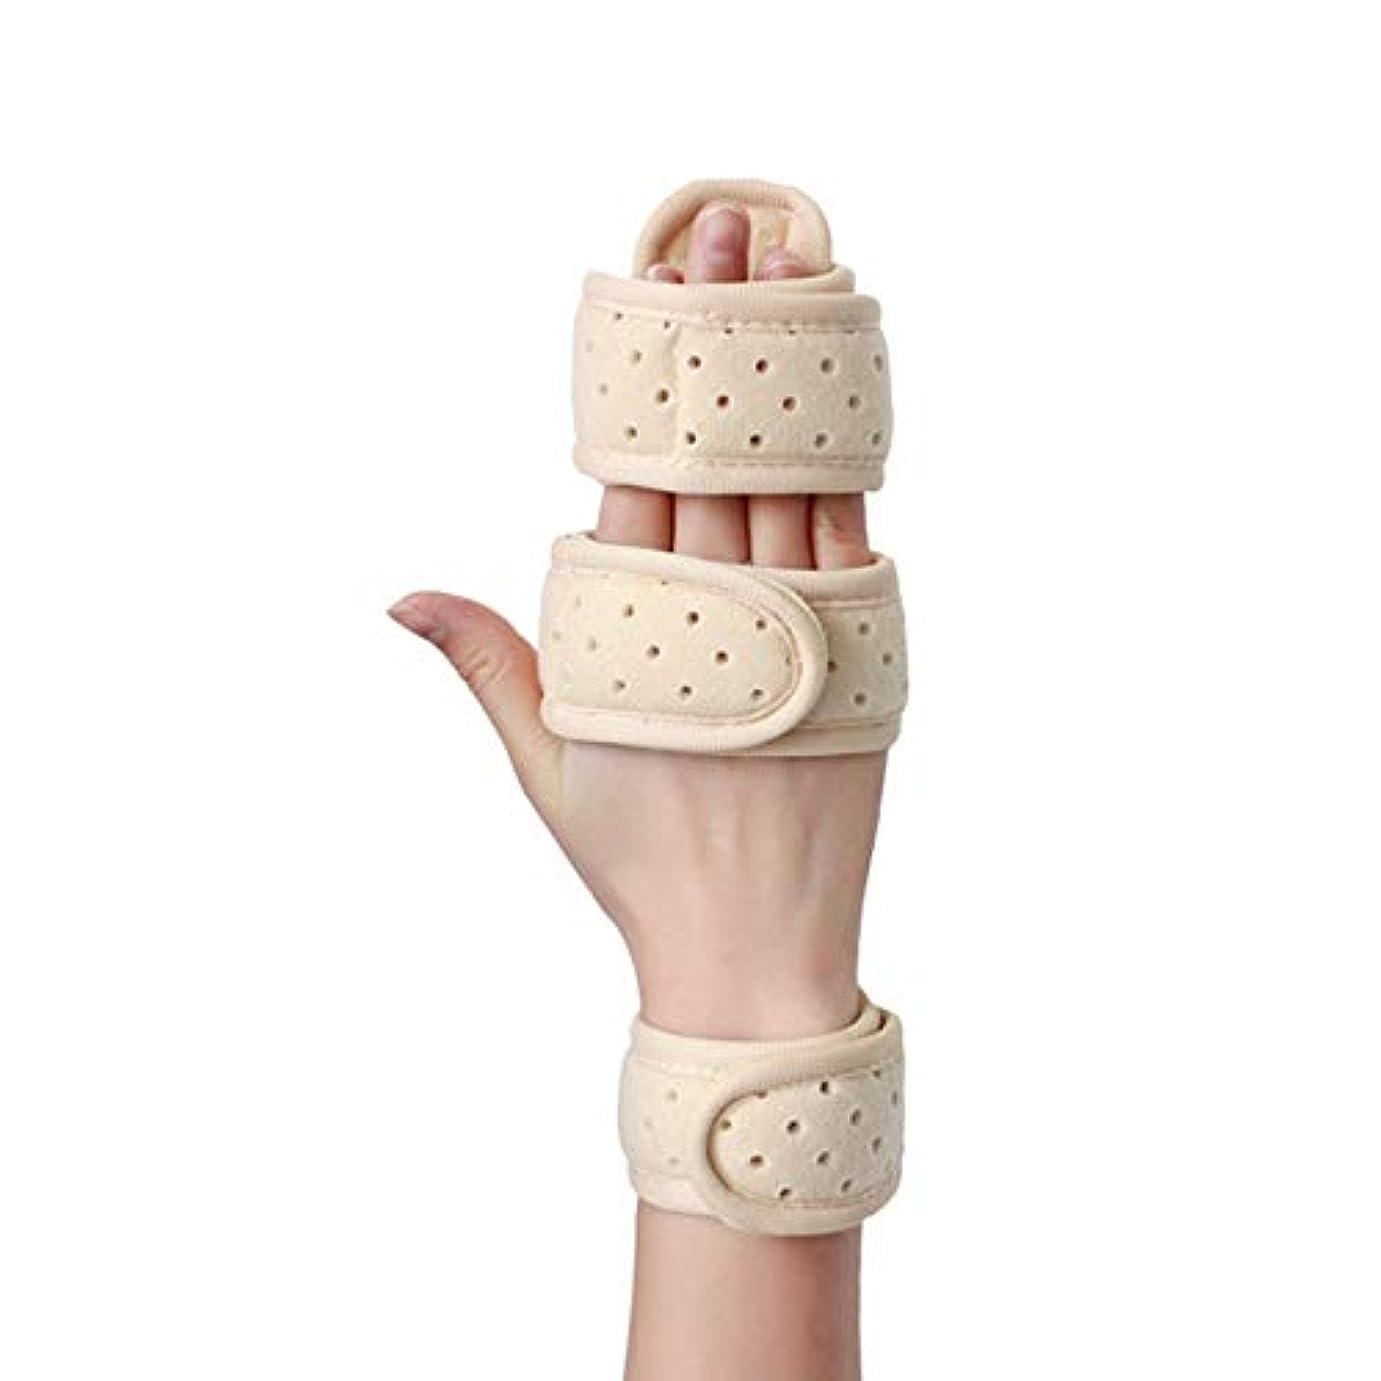 ミンチ適合する欠如手首装具、医療用リストバンド、関節炎および腱炎用の快適で調整可能な手首支持装具、痛みを軽減する手首圧迫ラップ